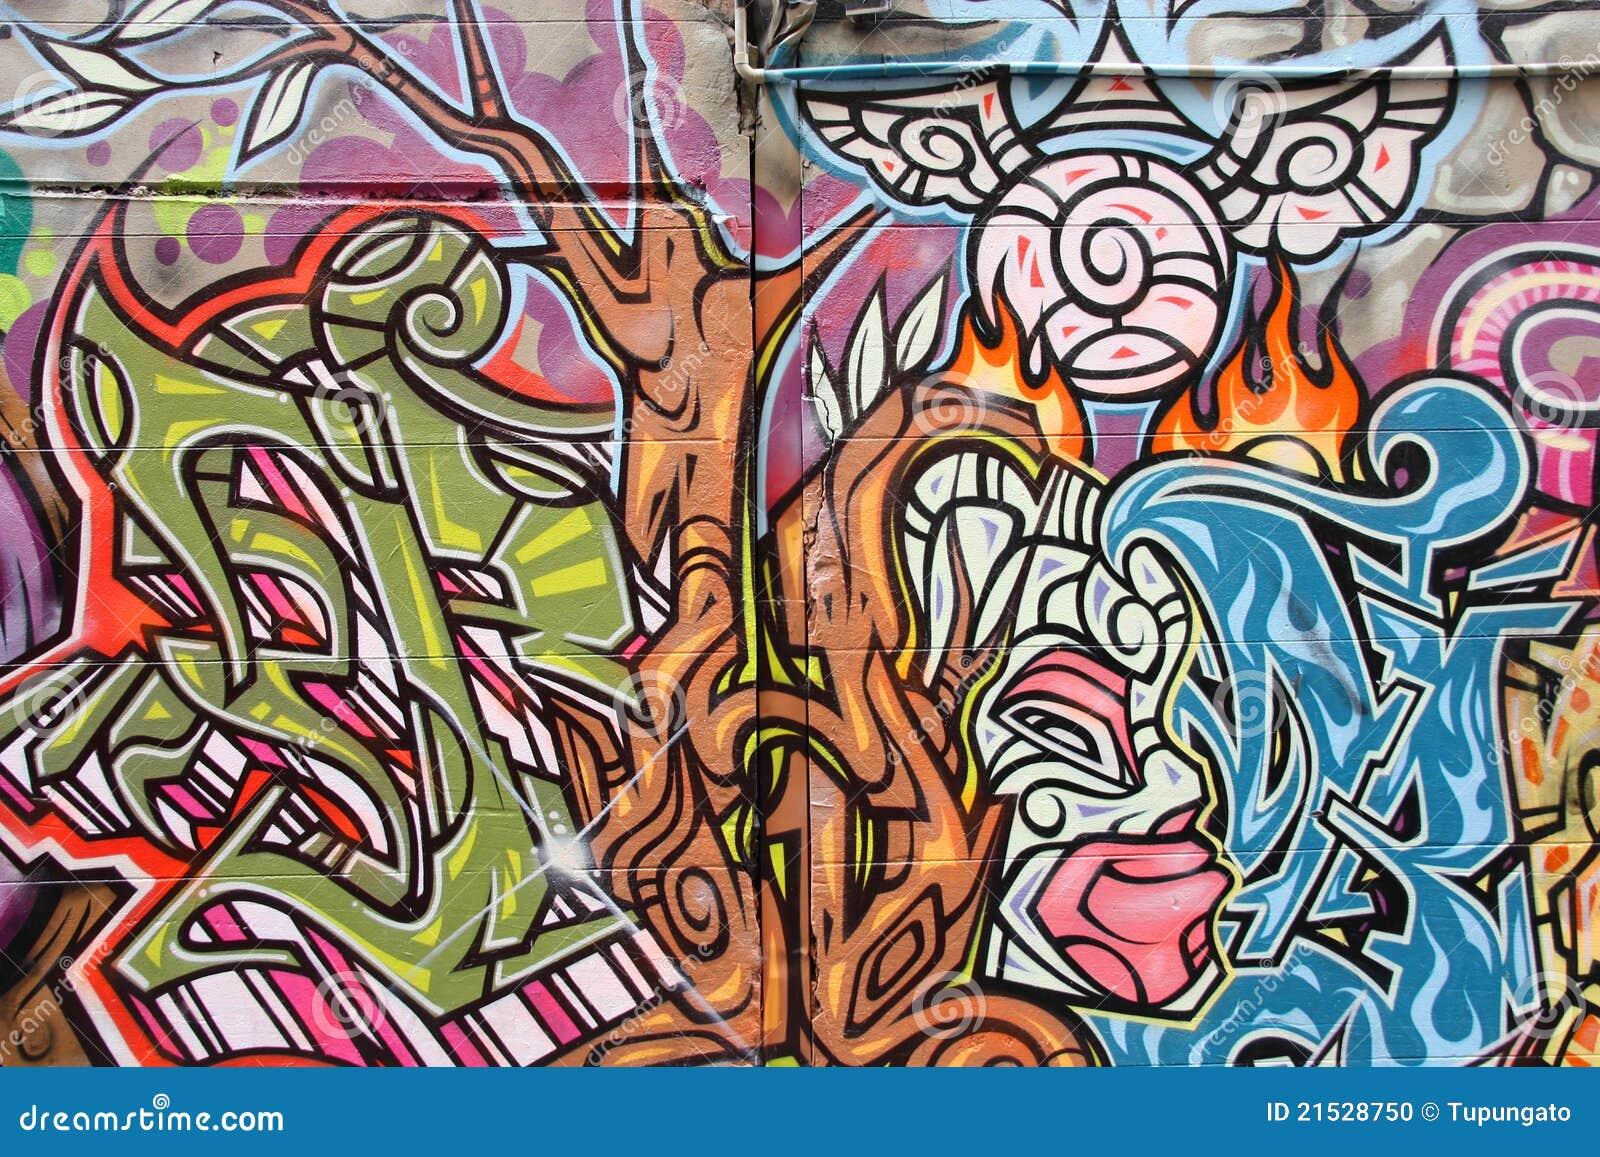 Graffiti art for sale australia - Art Australia Graffiti